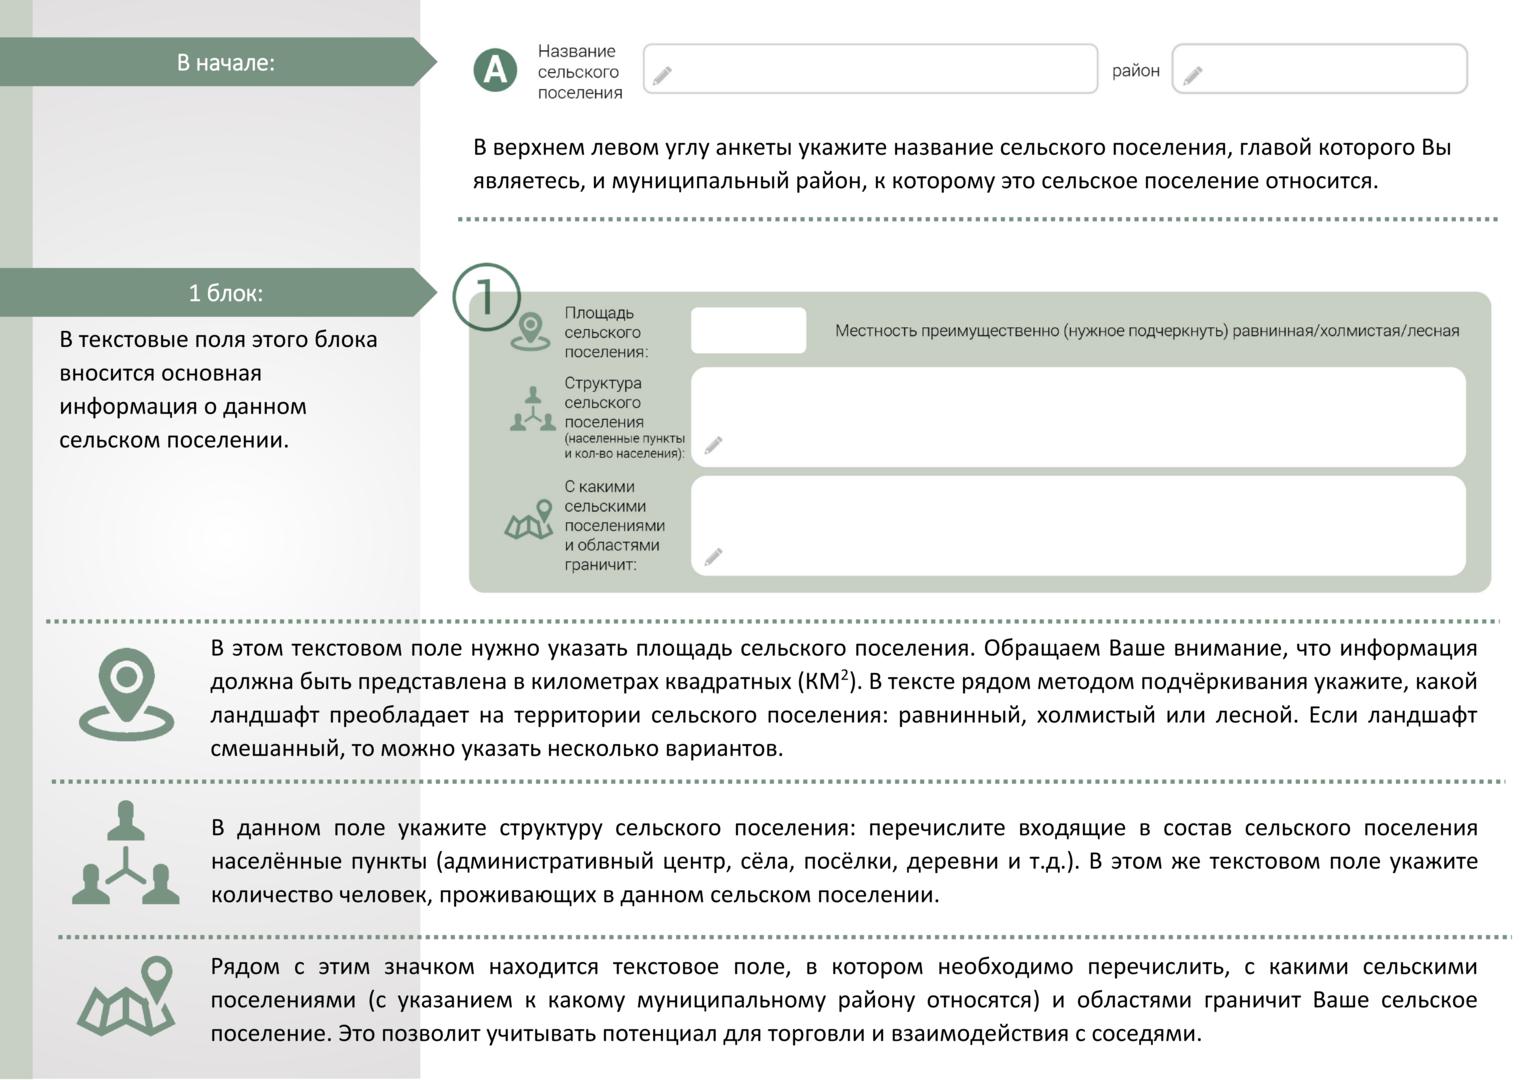 instruktsia_gotov_002